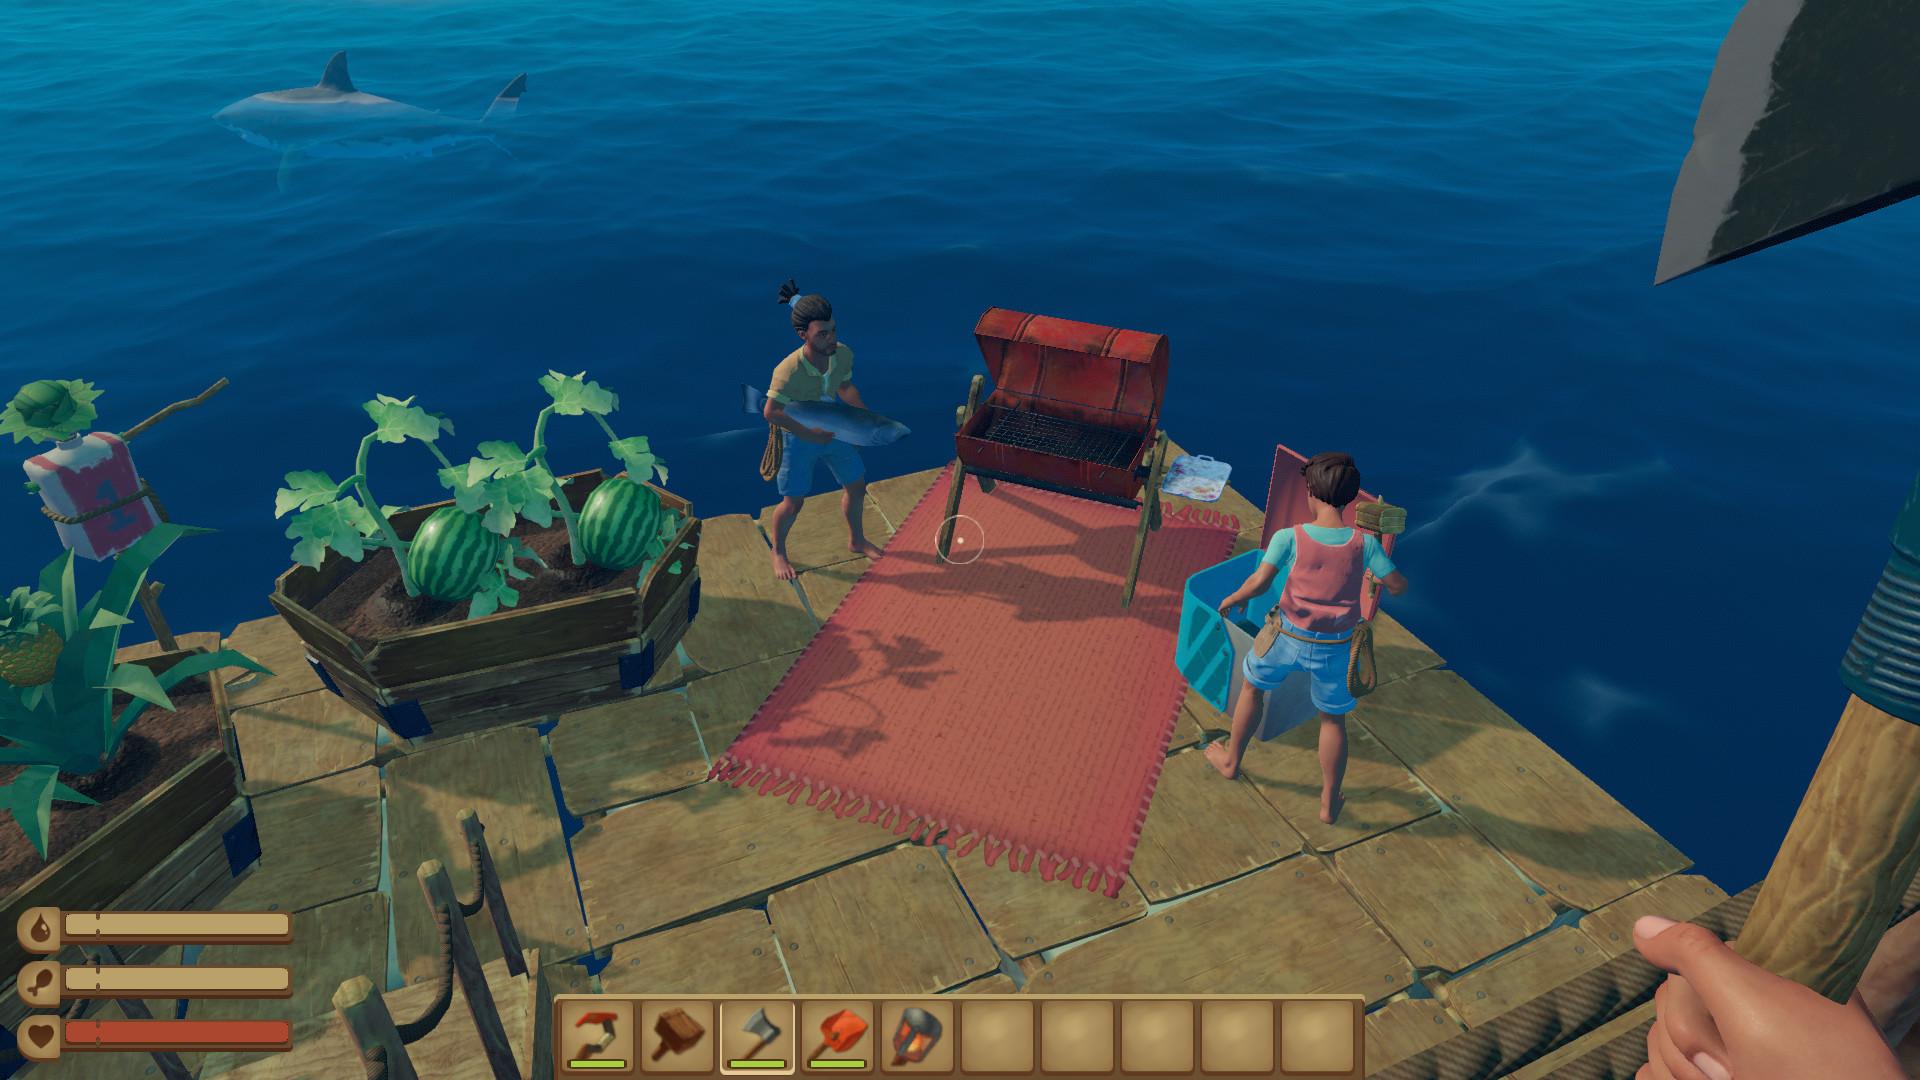 《木筏求生》开发商不懂辣鸡游戏含义 机翻后引围观